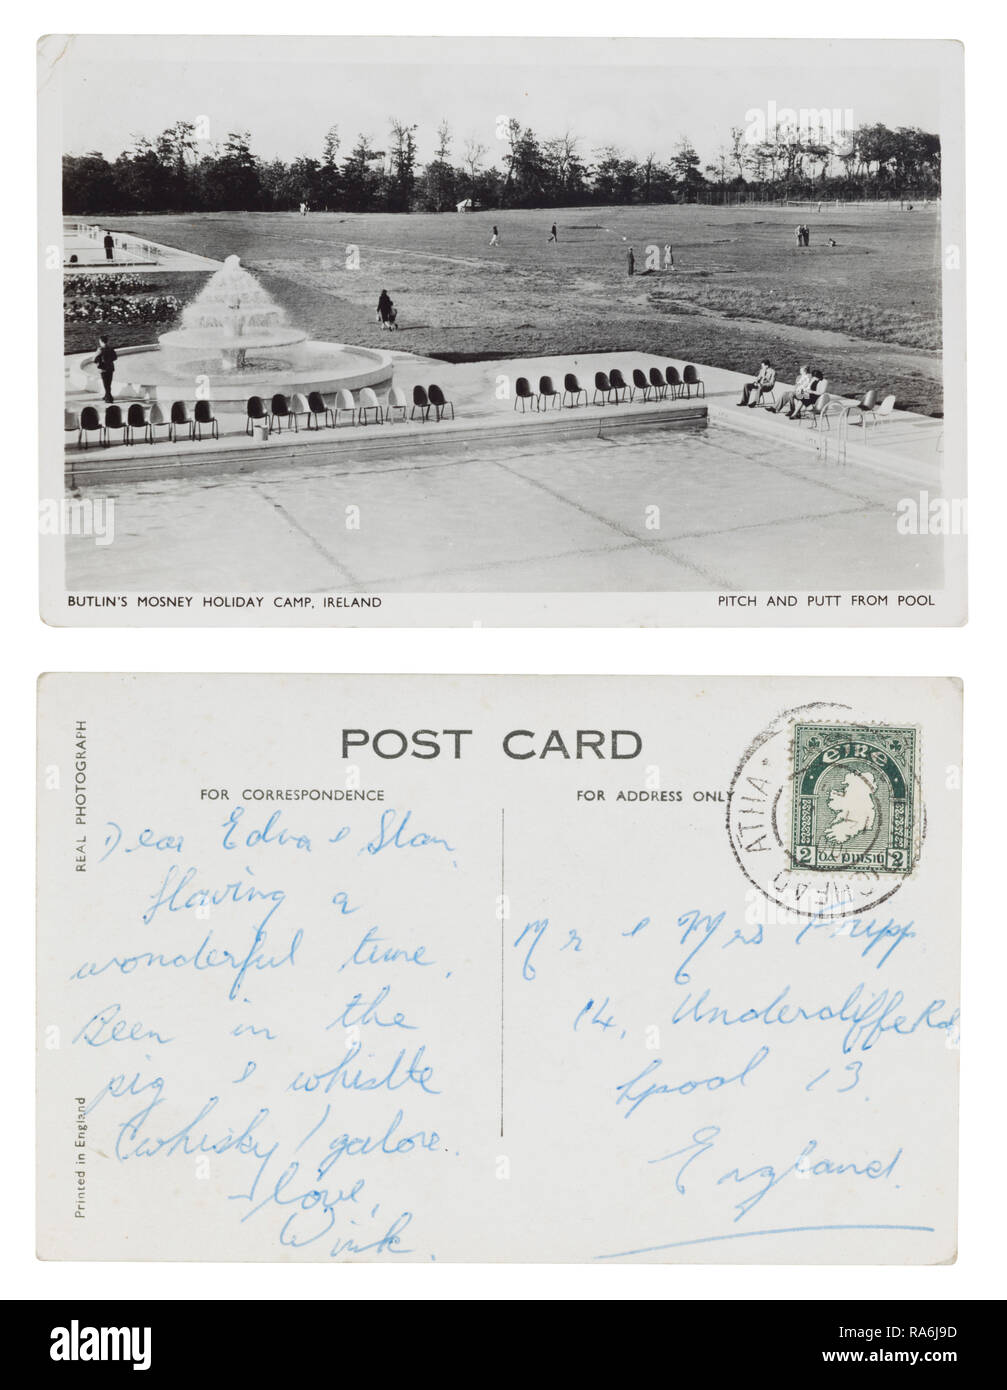 Carte postale envoyée de Butlin's Mosney Holiday Camp, l'Irlande à Edna et Stan Fripp, 14 Undercliffe Road, Liverpool dans les années 1950 Photo Stock